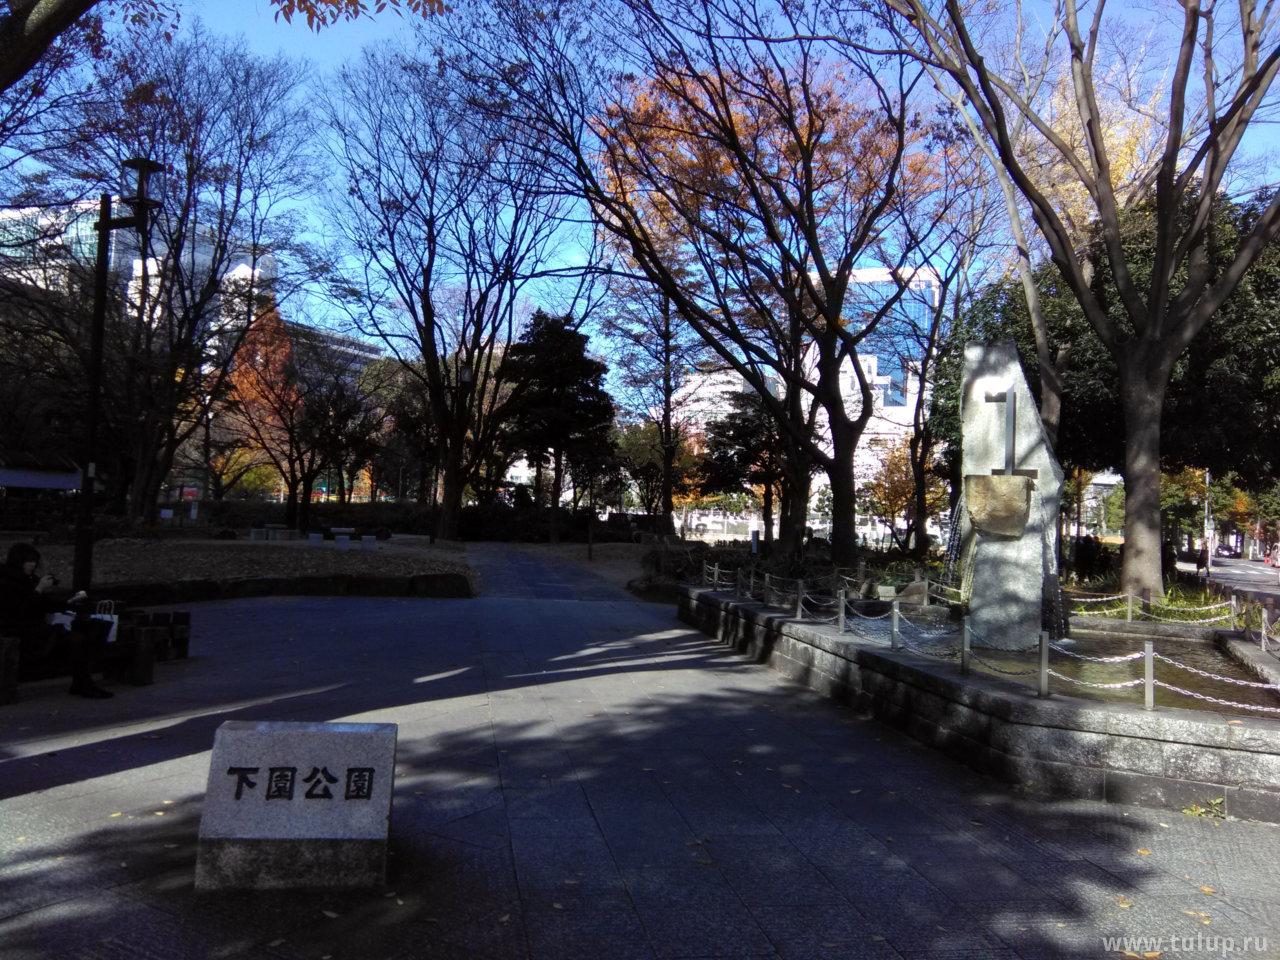 Парк «Нижний»